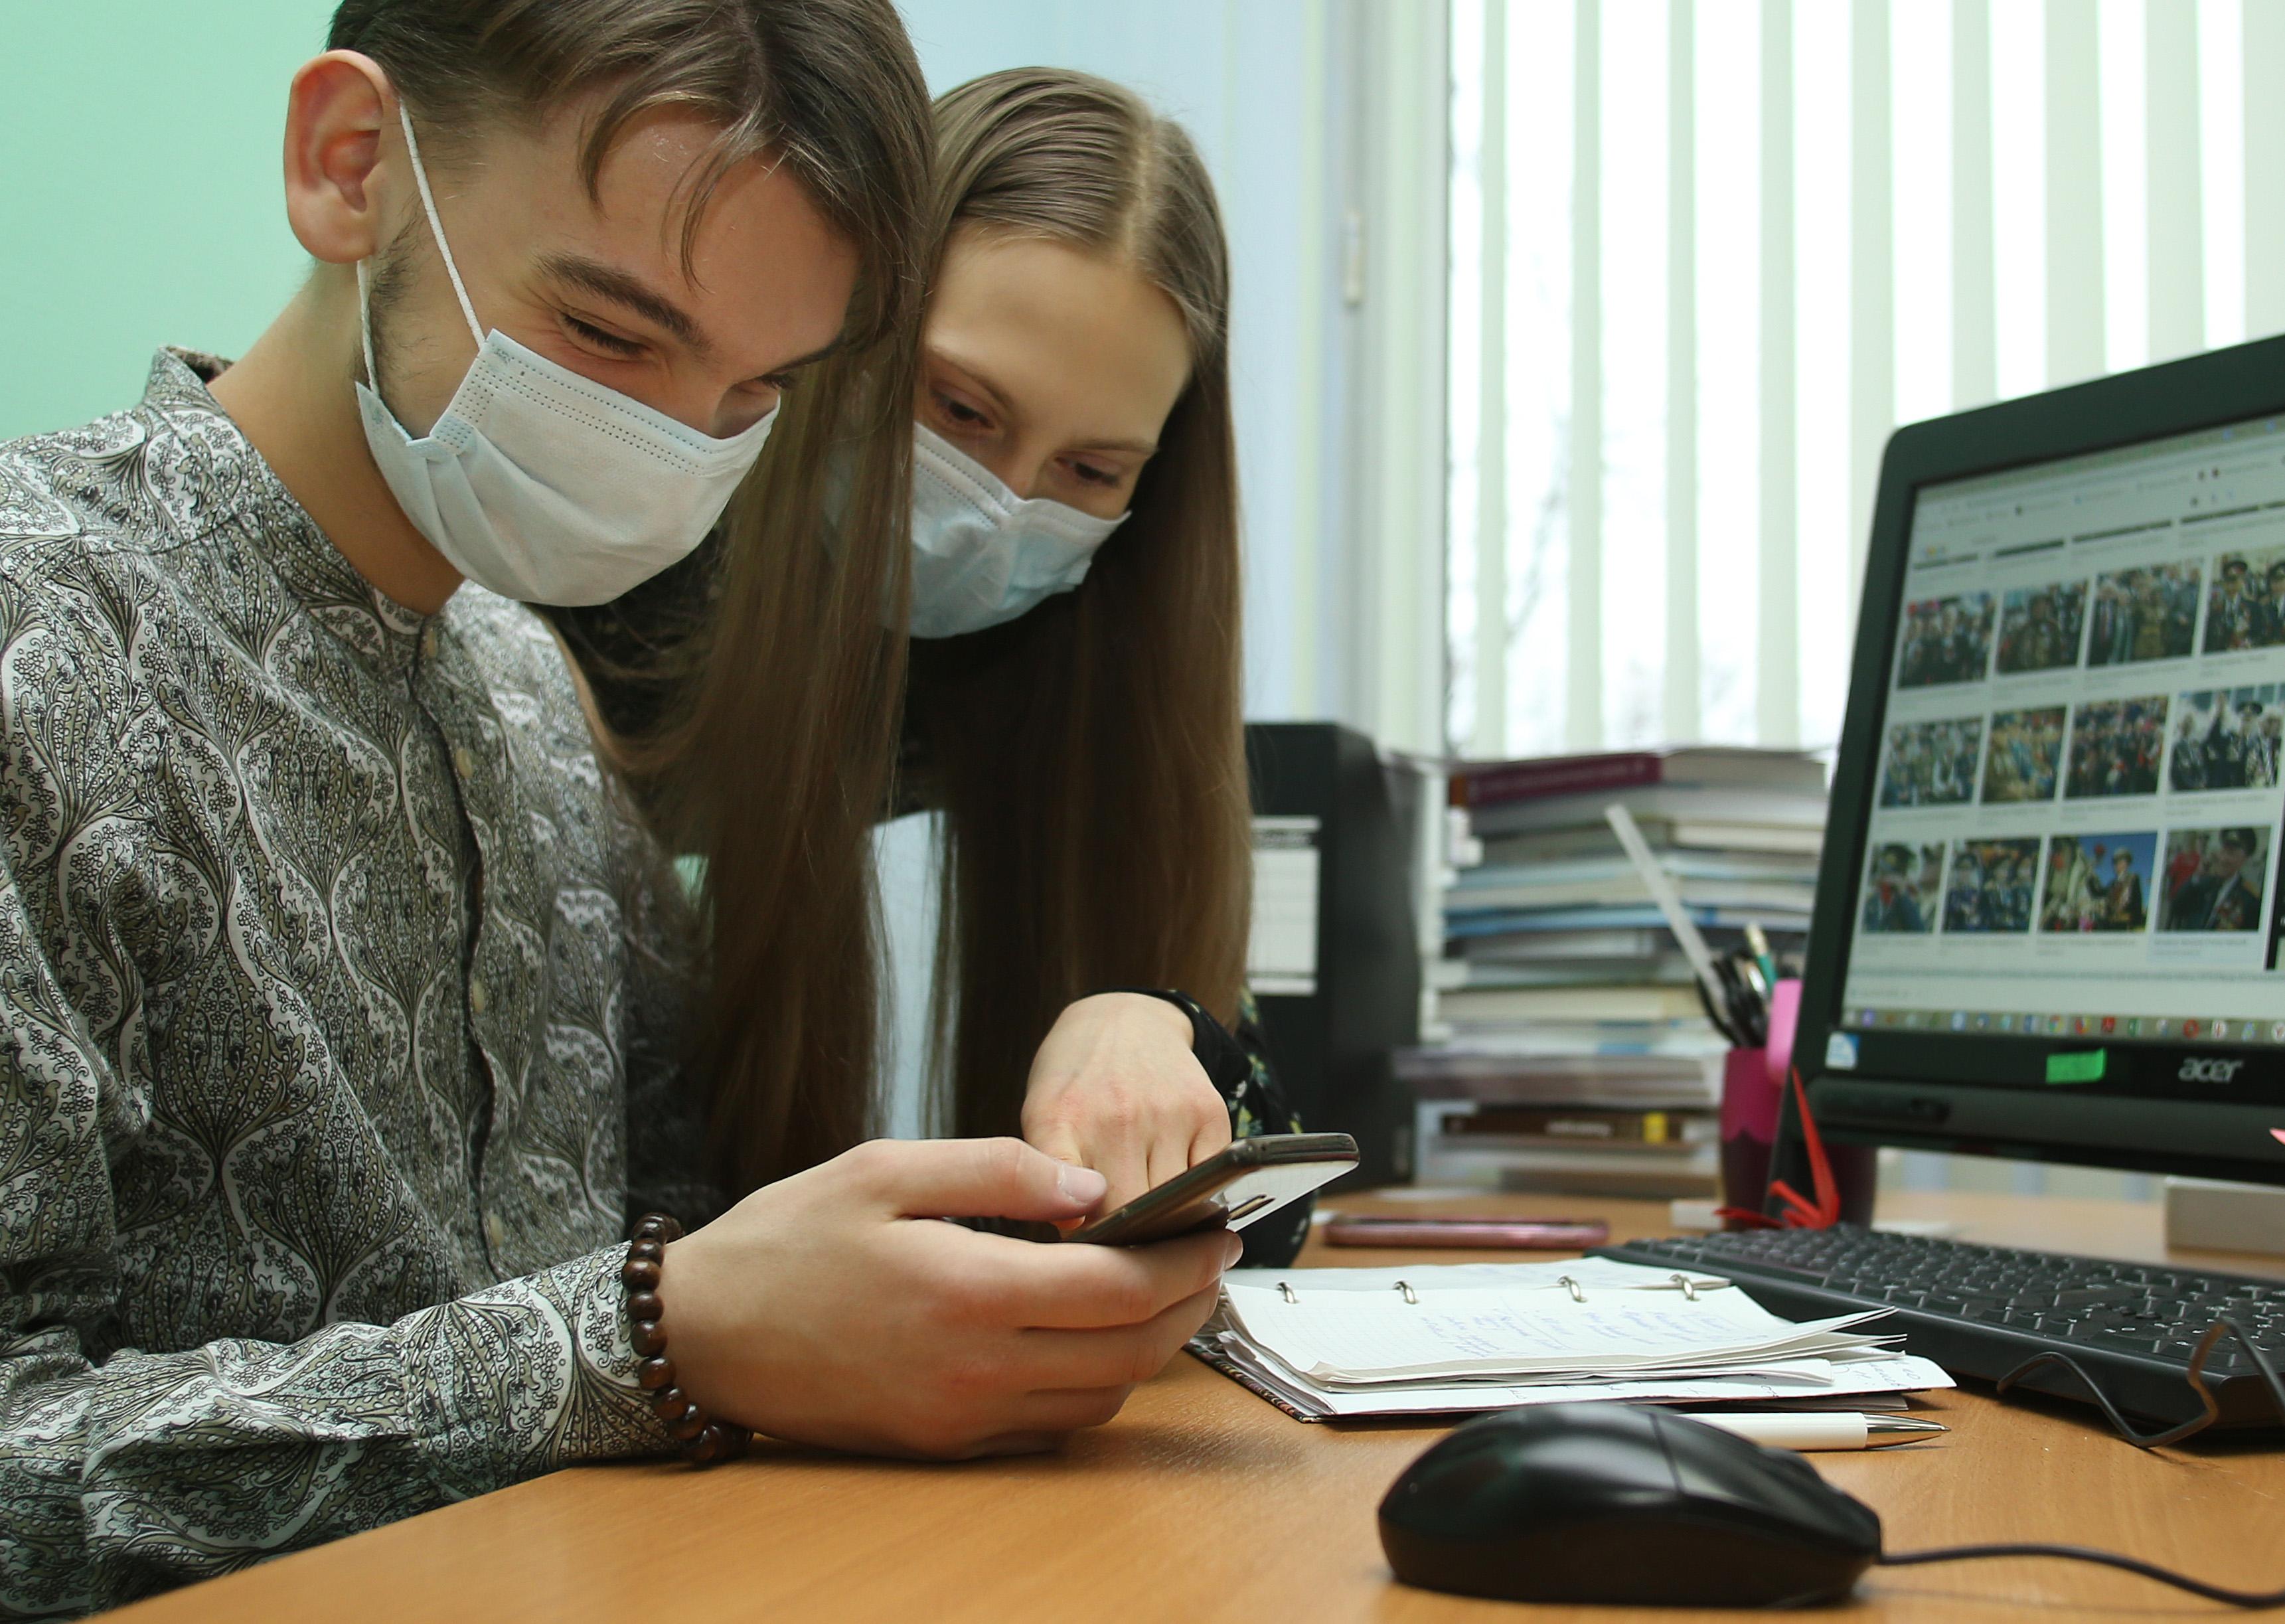 Подобные мероприятия по профилактике вредных привычек проходят на регулярной основе. Фото: Наталия Нечаева, «Вечерняя Москва»